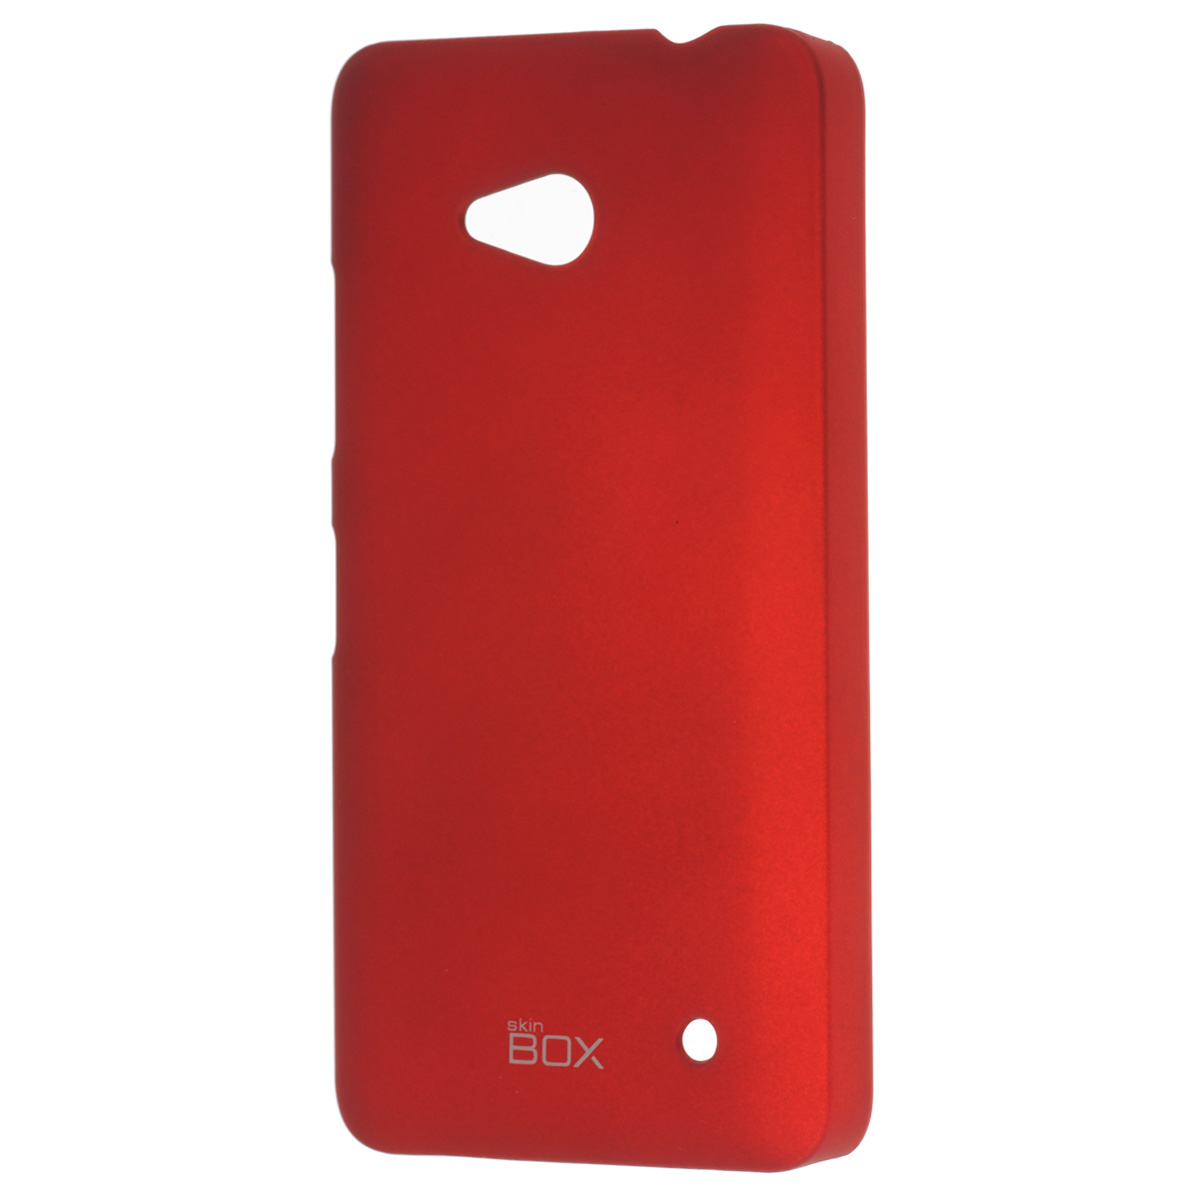 Skinbox Shield 4People чехол для Microsoft Lumia 640, RedT-S-ML640-002Накладка Skinbox Shield 4People для Microsoft Lumia 640 обеспечивает амортизацию удара при непредвиденном падении устройства, а также защитит его от пыли, отпечатков пальцев и царапин. Обеспечивает свободный доступ ко всем разъемам и клавишам устройства.